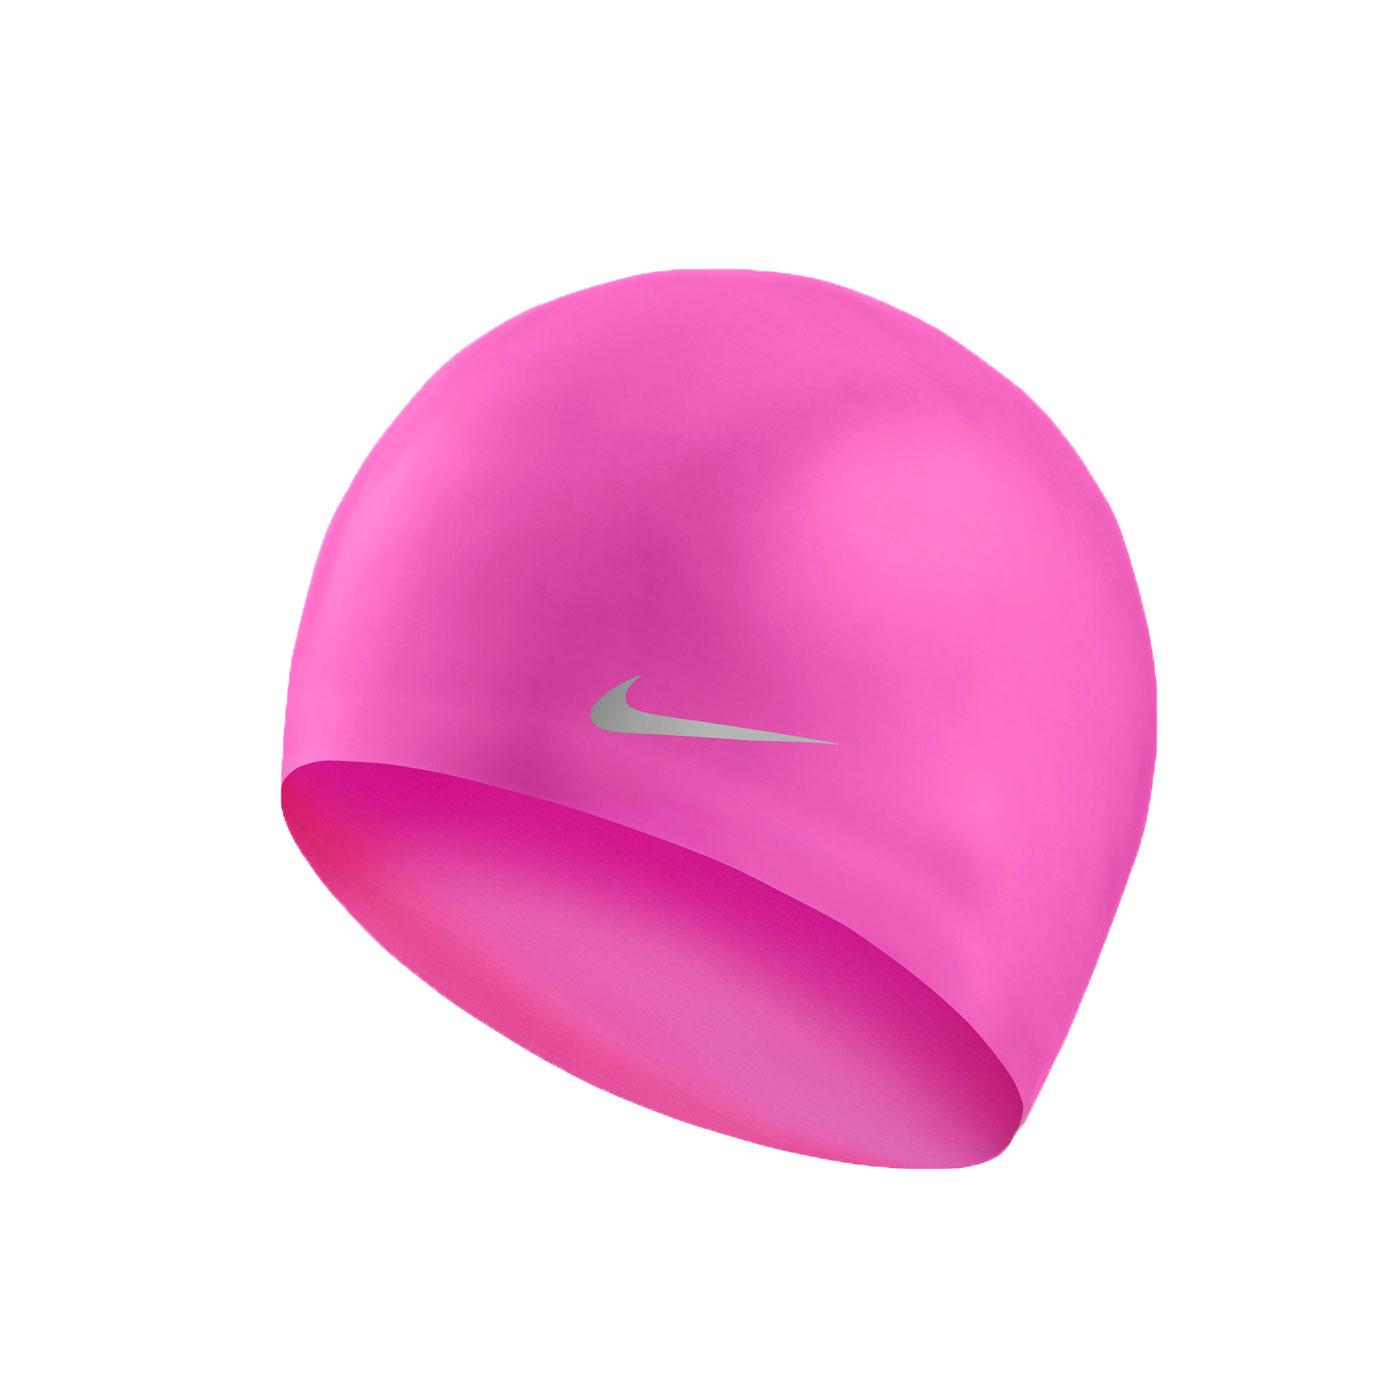 NIKE SWIM 青年矽膠泳帽 TESS0106-001 - 亮粉灰